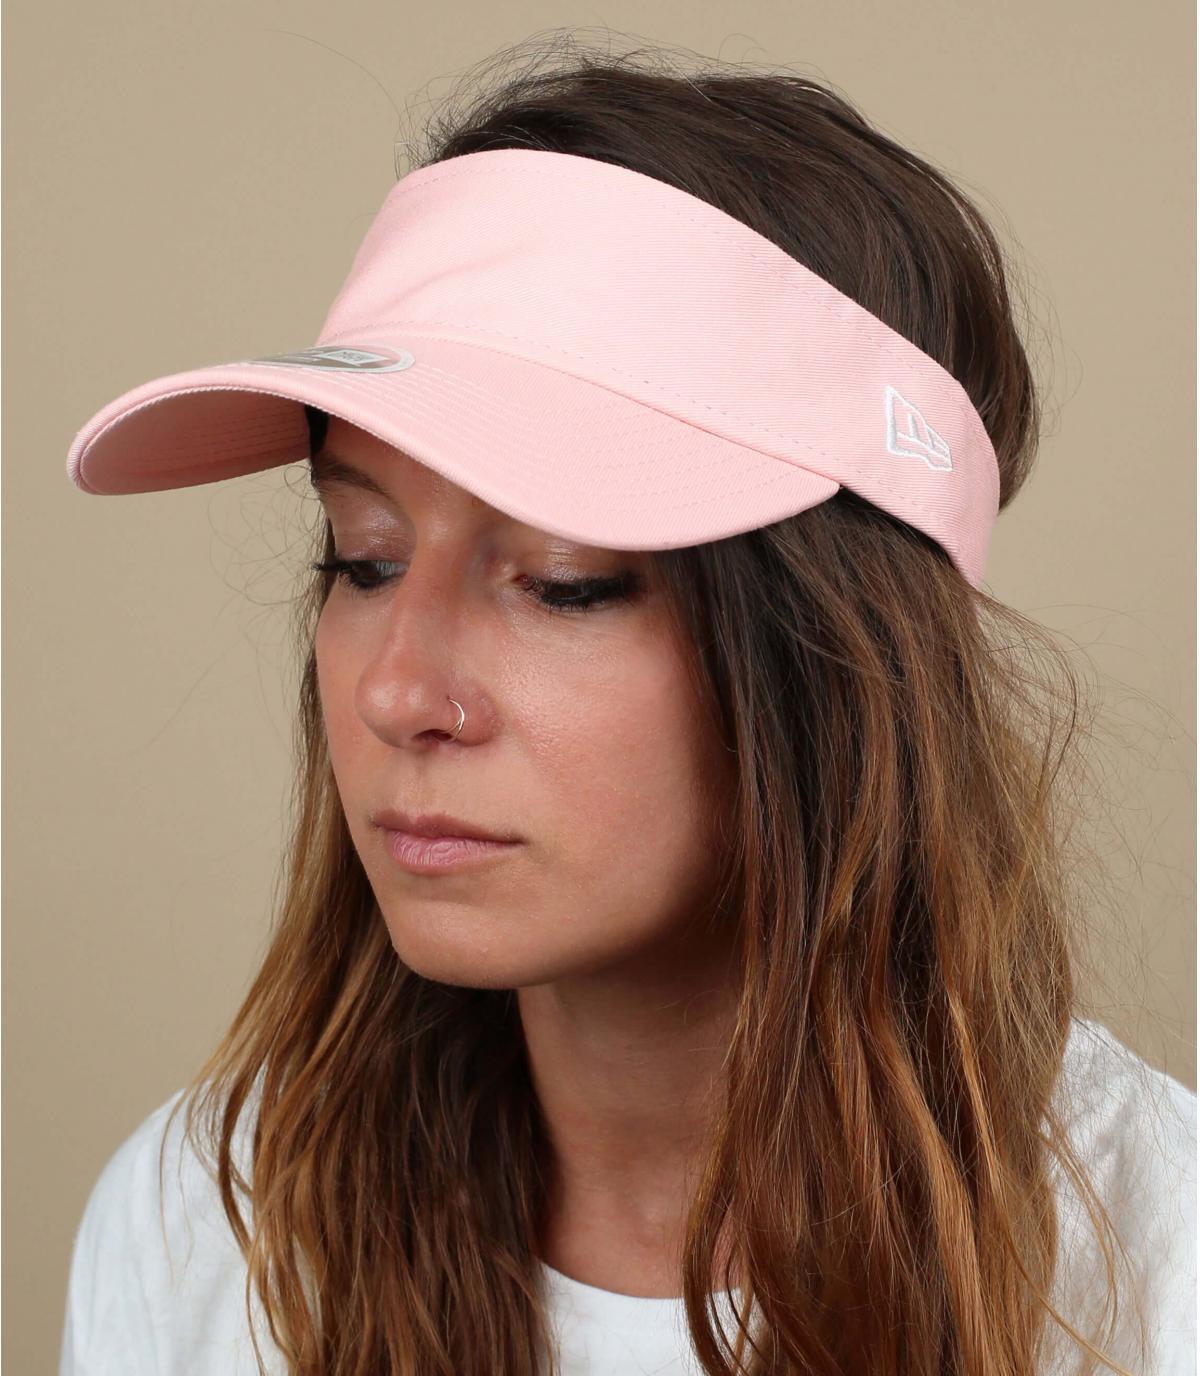 visera rosa mujer